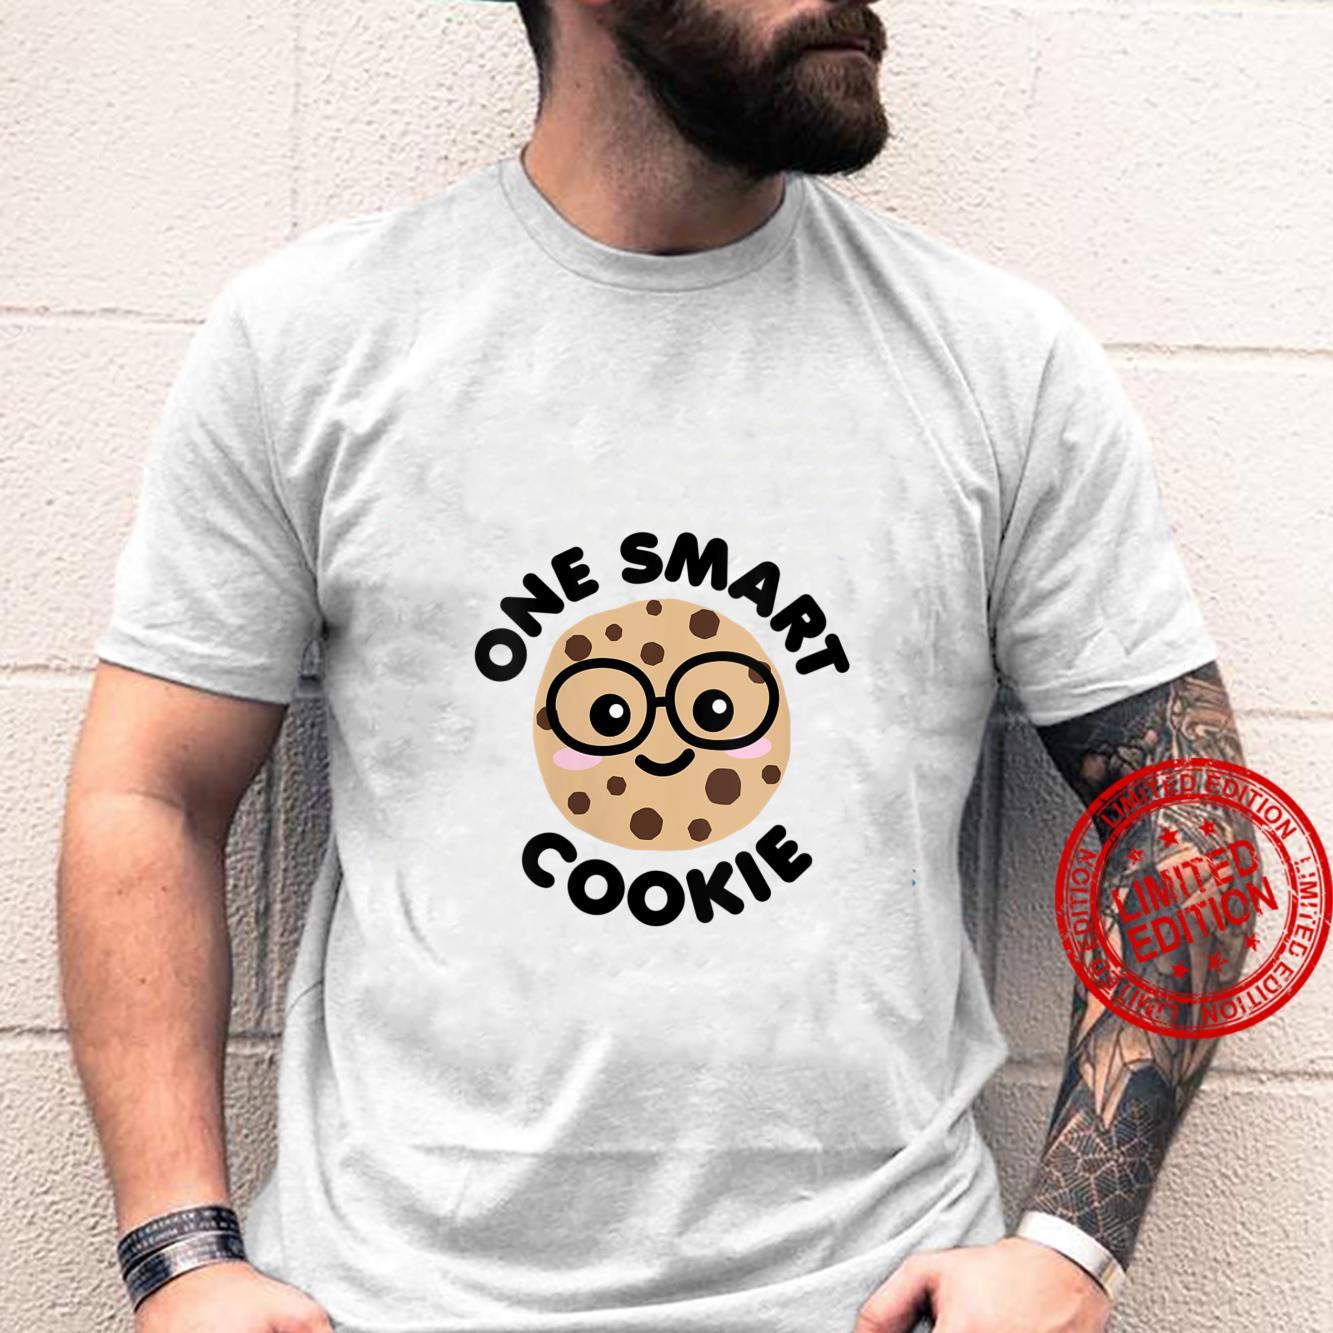 Womens One Smart Cookie Cute Kawaii Nerd Humor Foodie Shirt